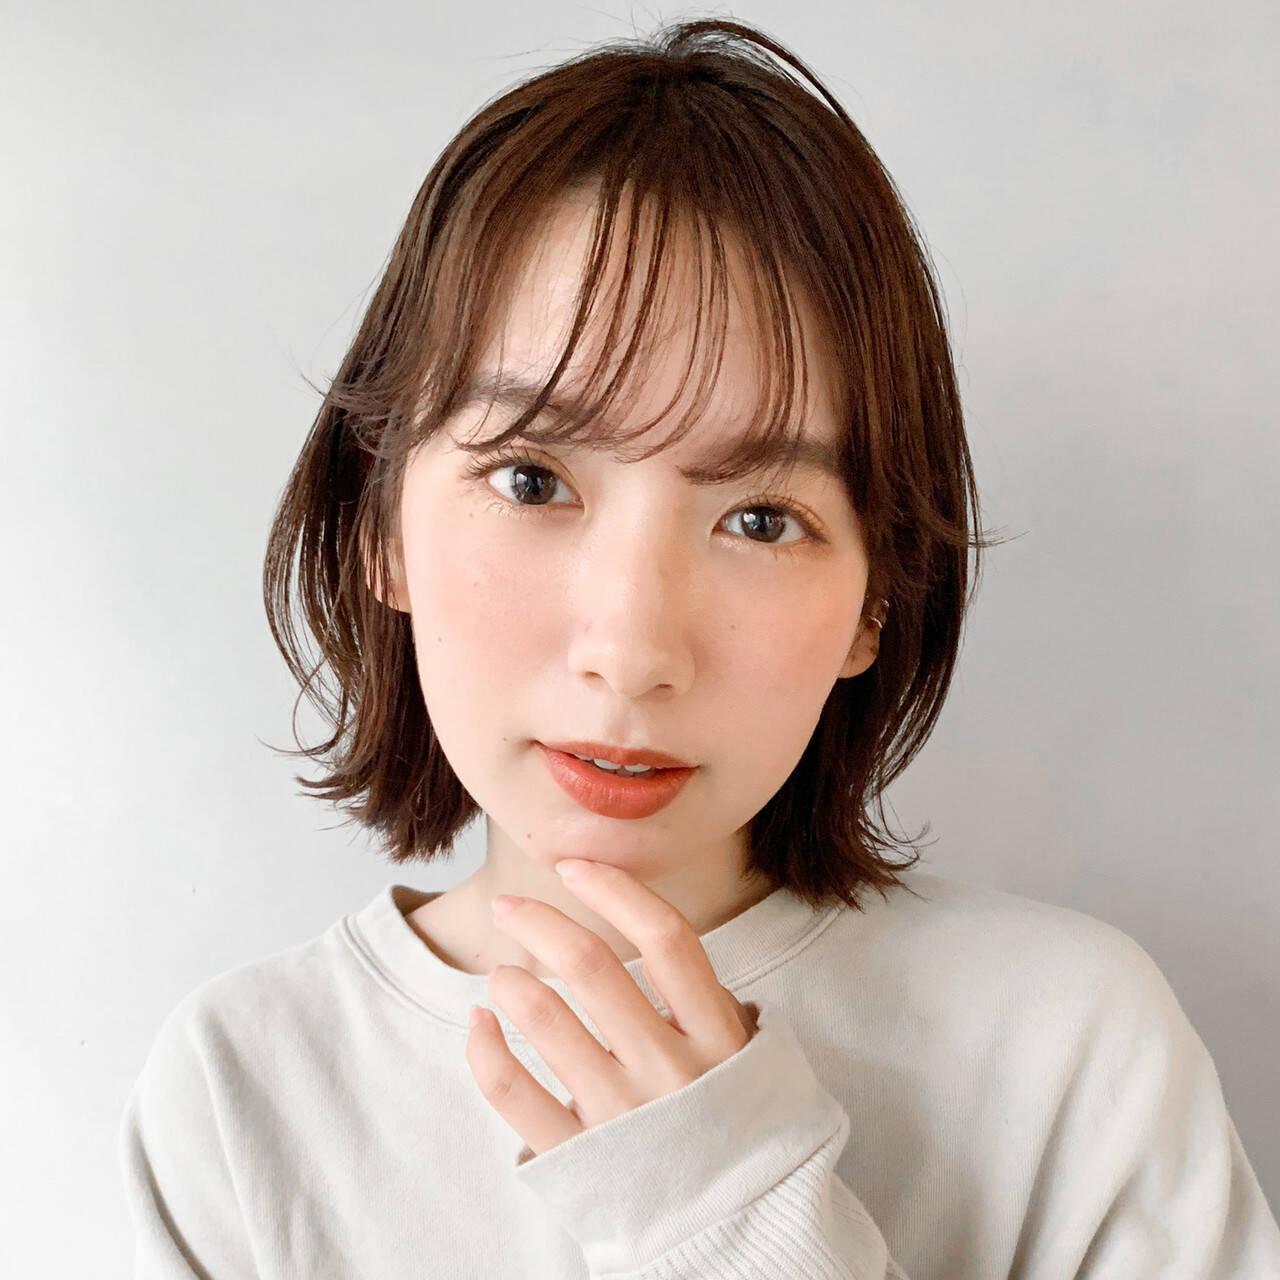 ゆるふわセット インナーカラーパープル インナーカラーグレー インナーカラーグレージュヘアスタイルや髪型の写真・画像